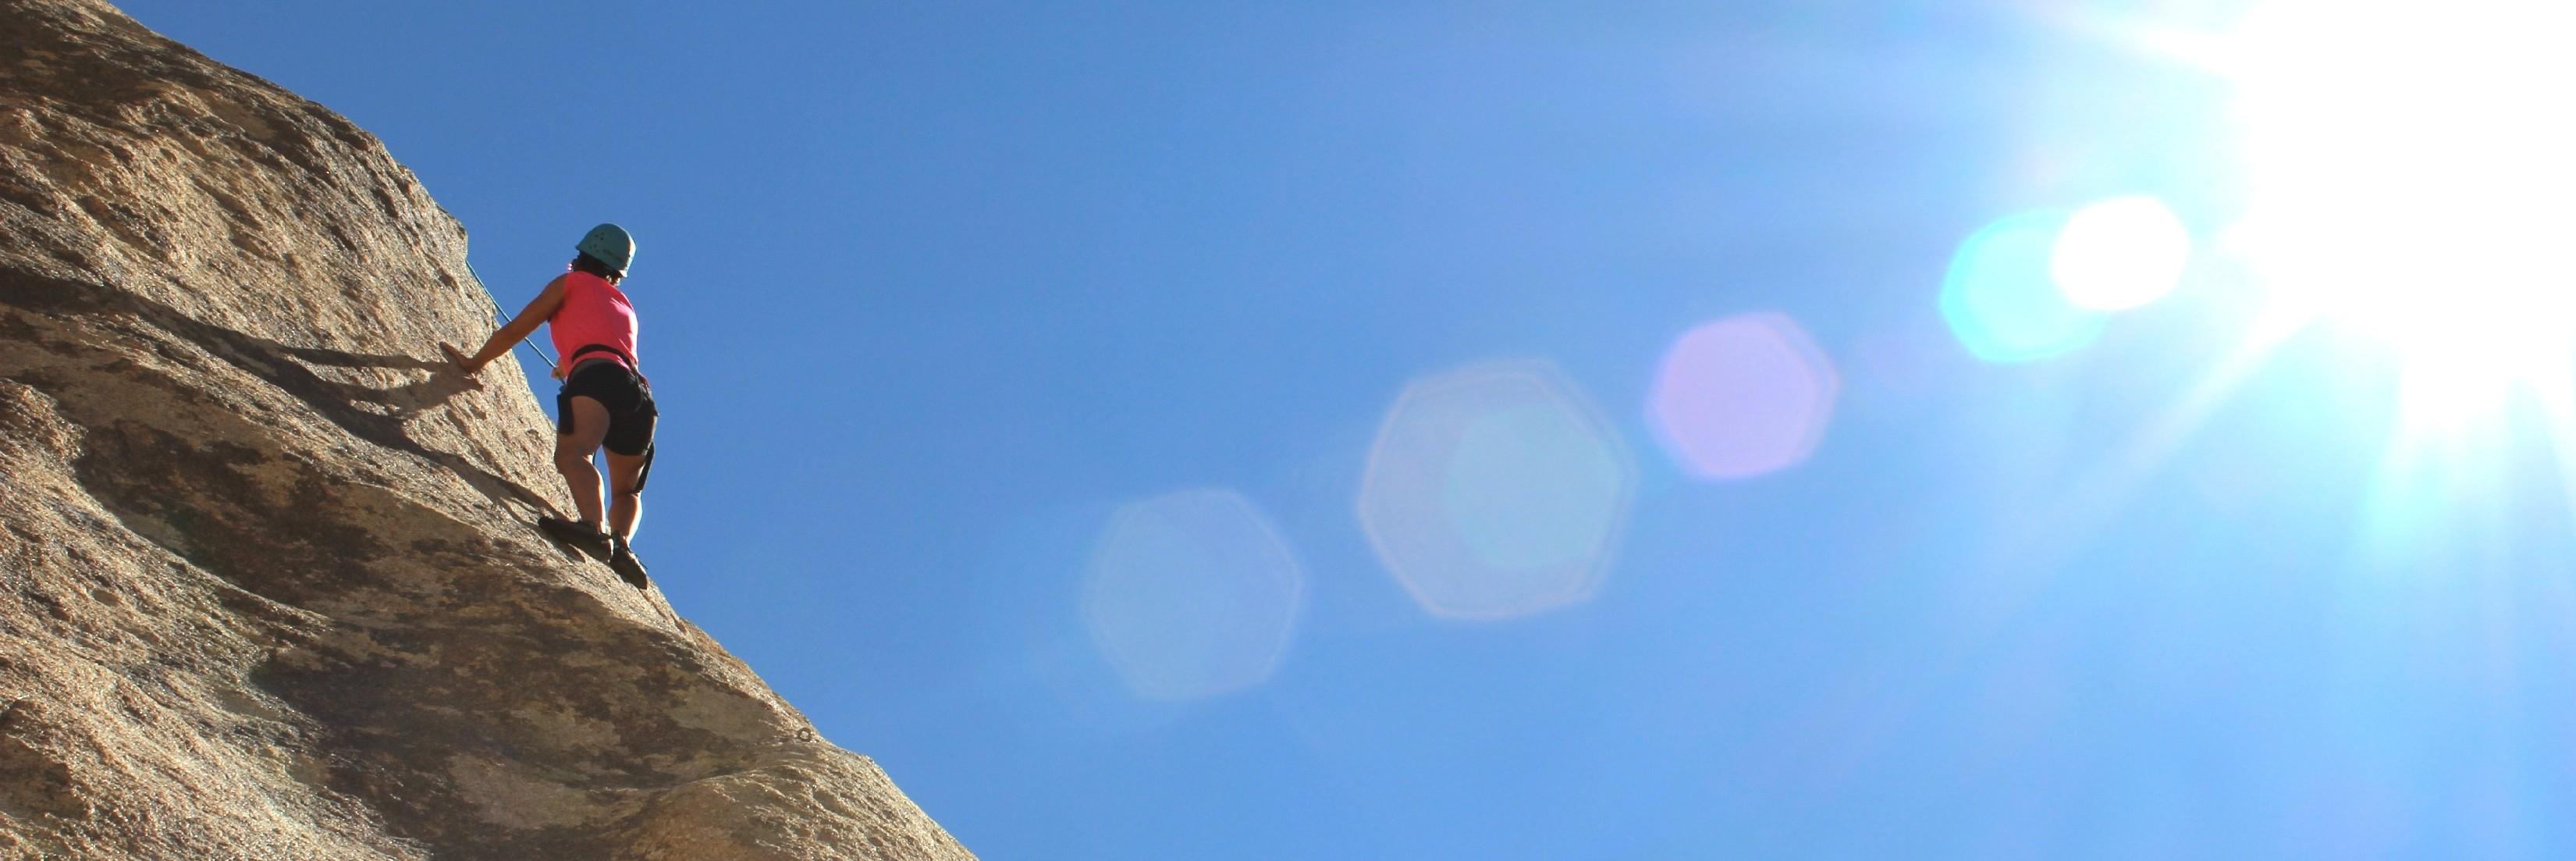 Climber-e1467928720320